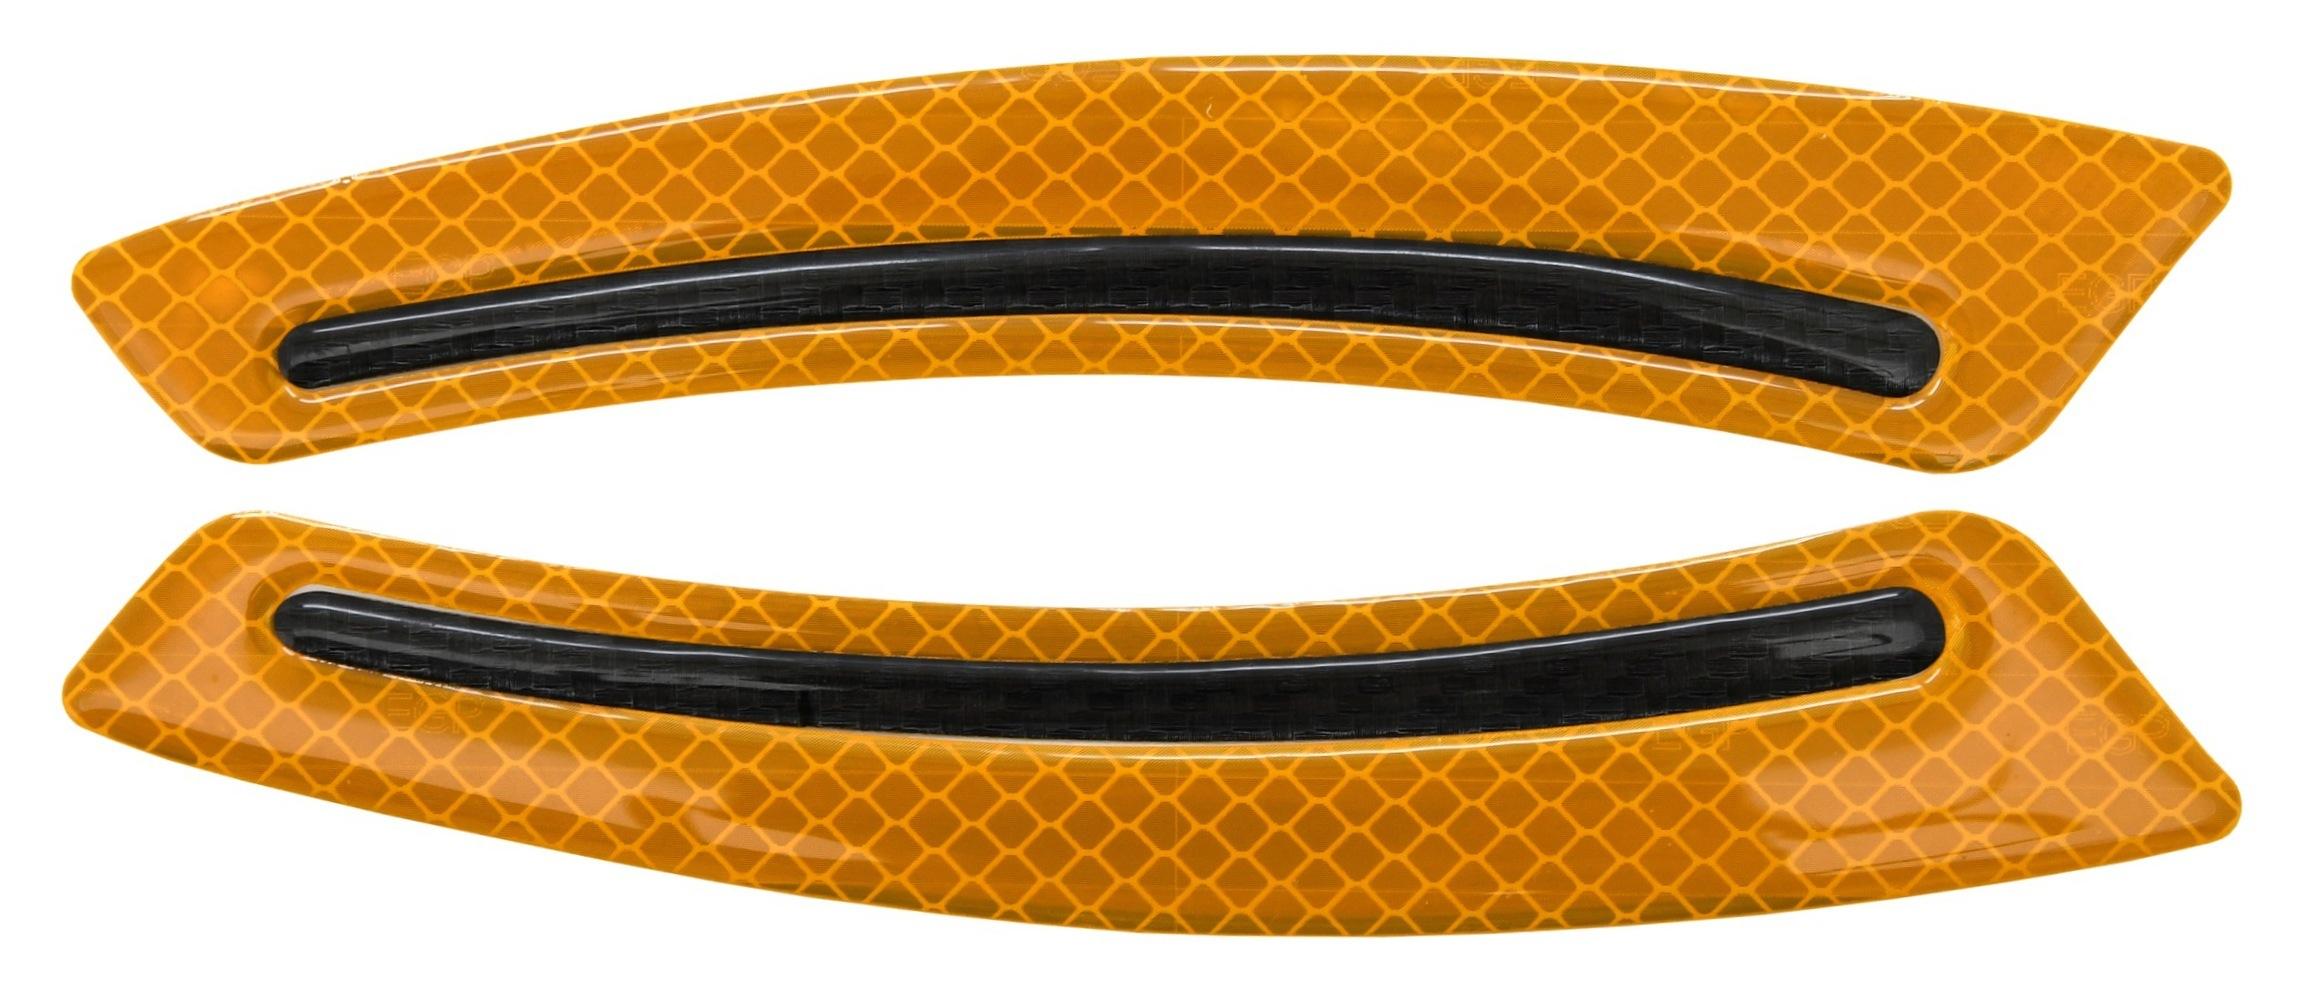 Chránič dveří samolepící SWORD žlutý 2ks